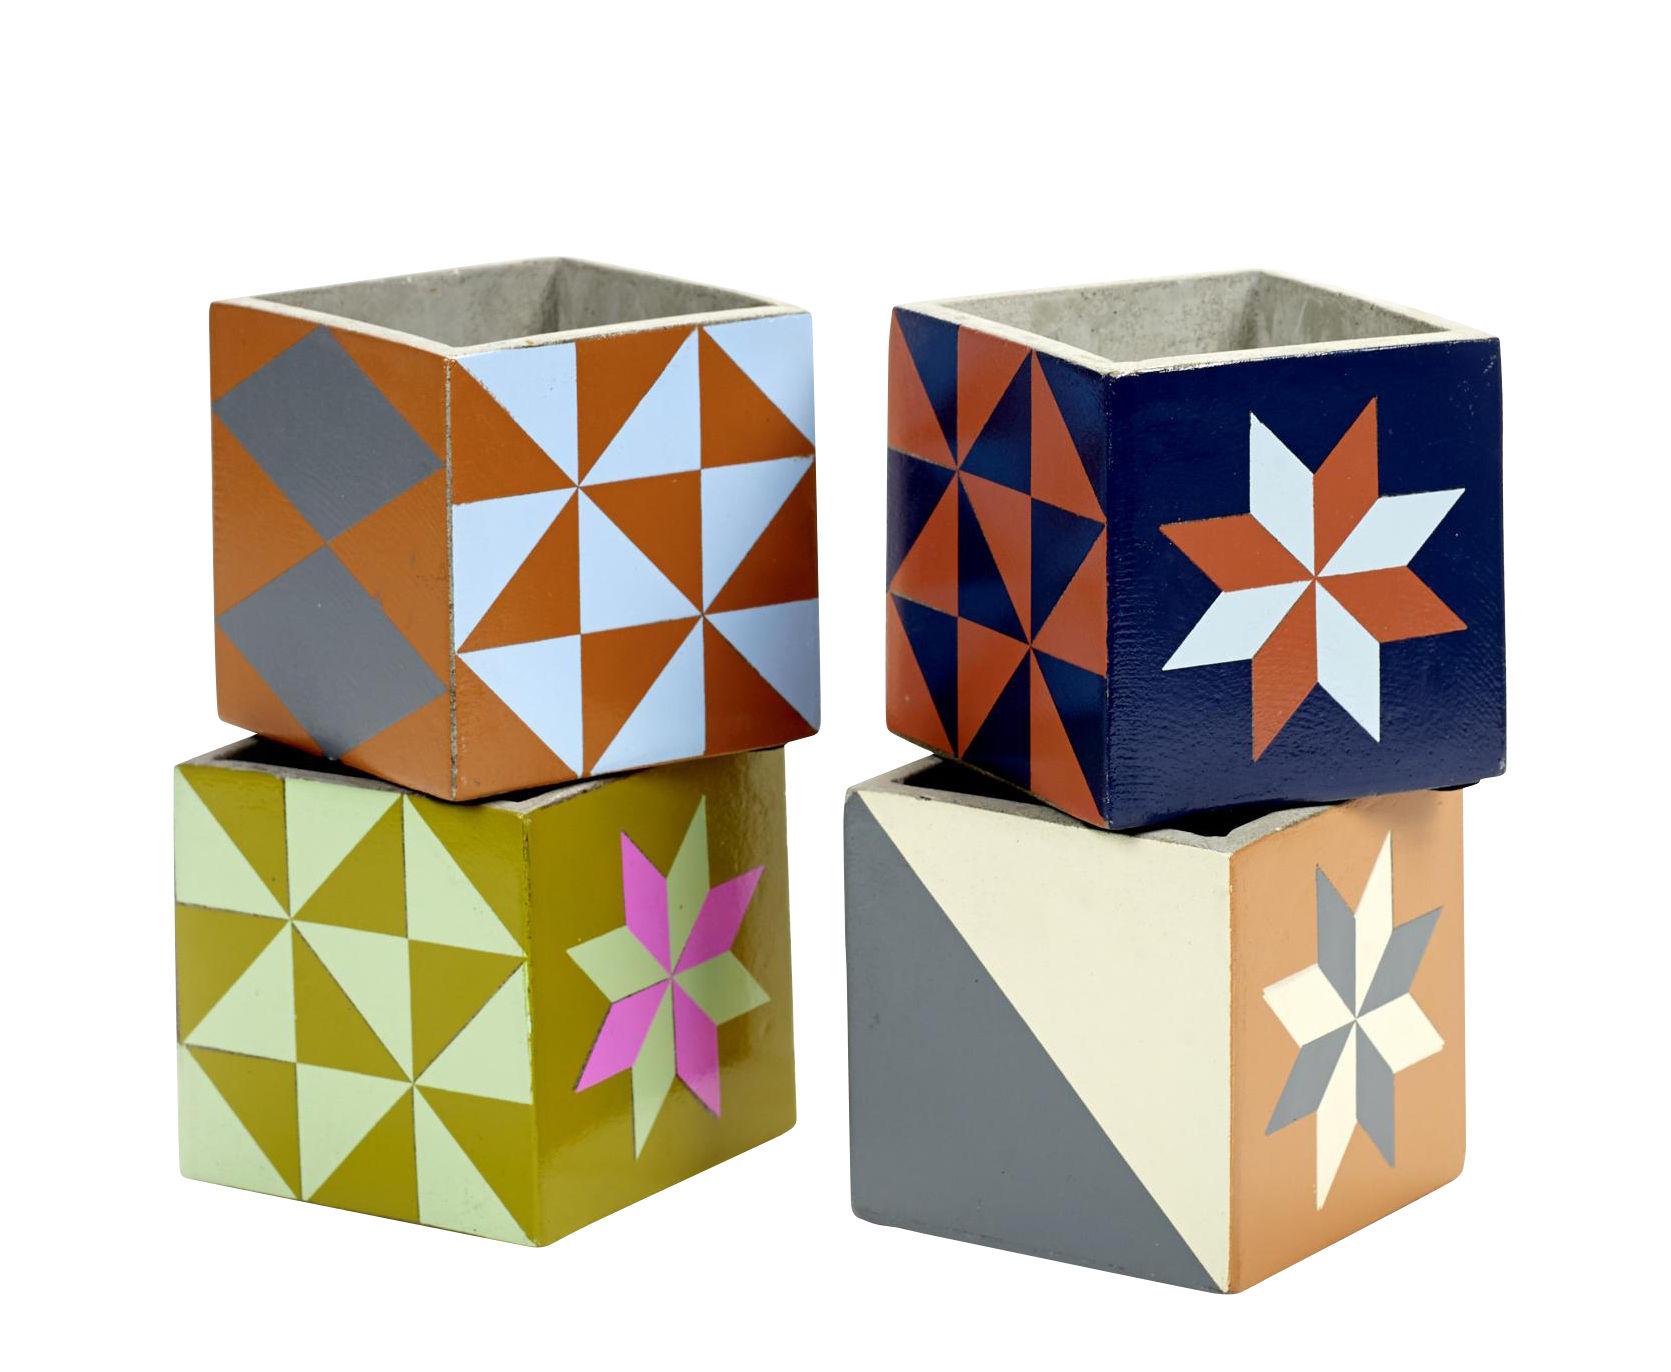 Interni - Vasi e Piante - Vaso Marie Small / Set da 4 -  Piastrelle di cemento - Serax - Small - 11 cm / Multicolore - Ciment émaillé